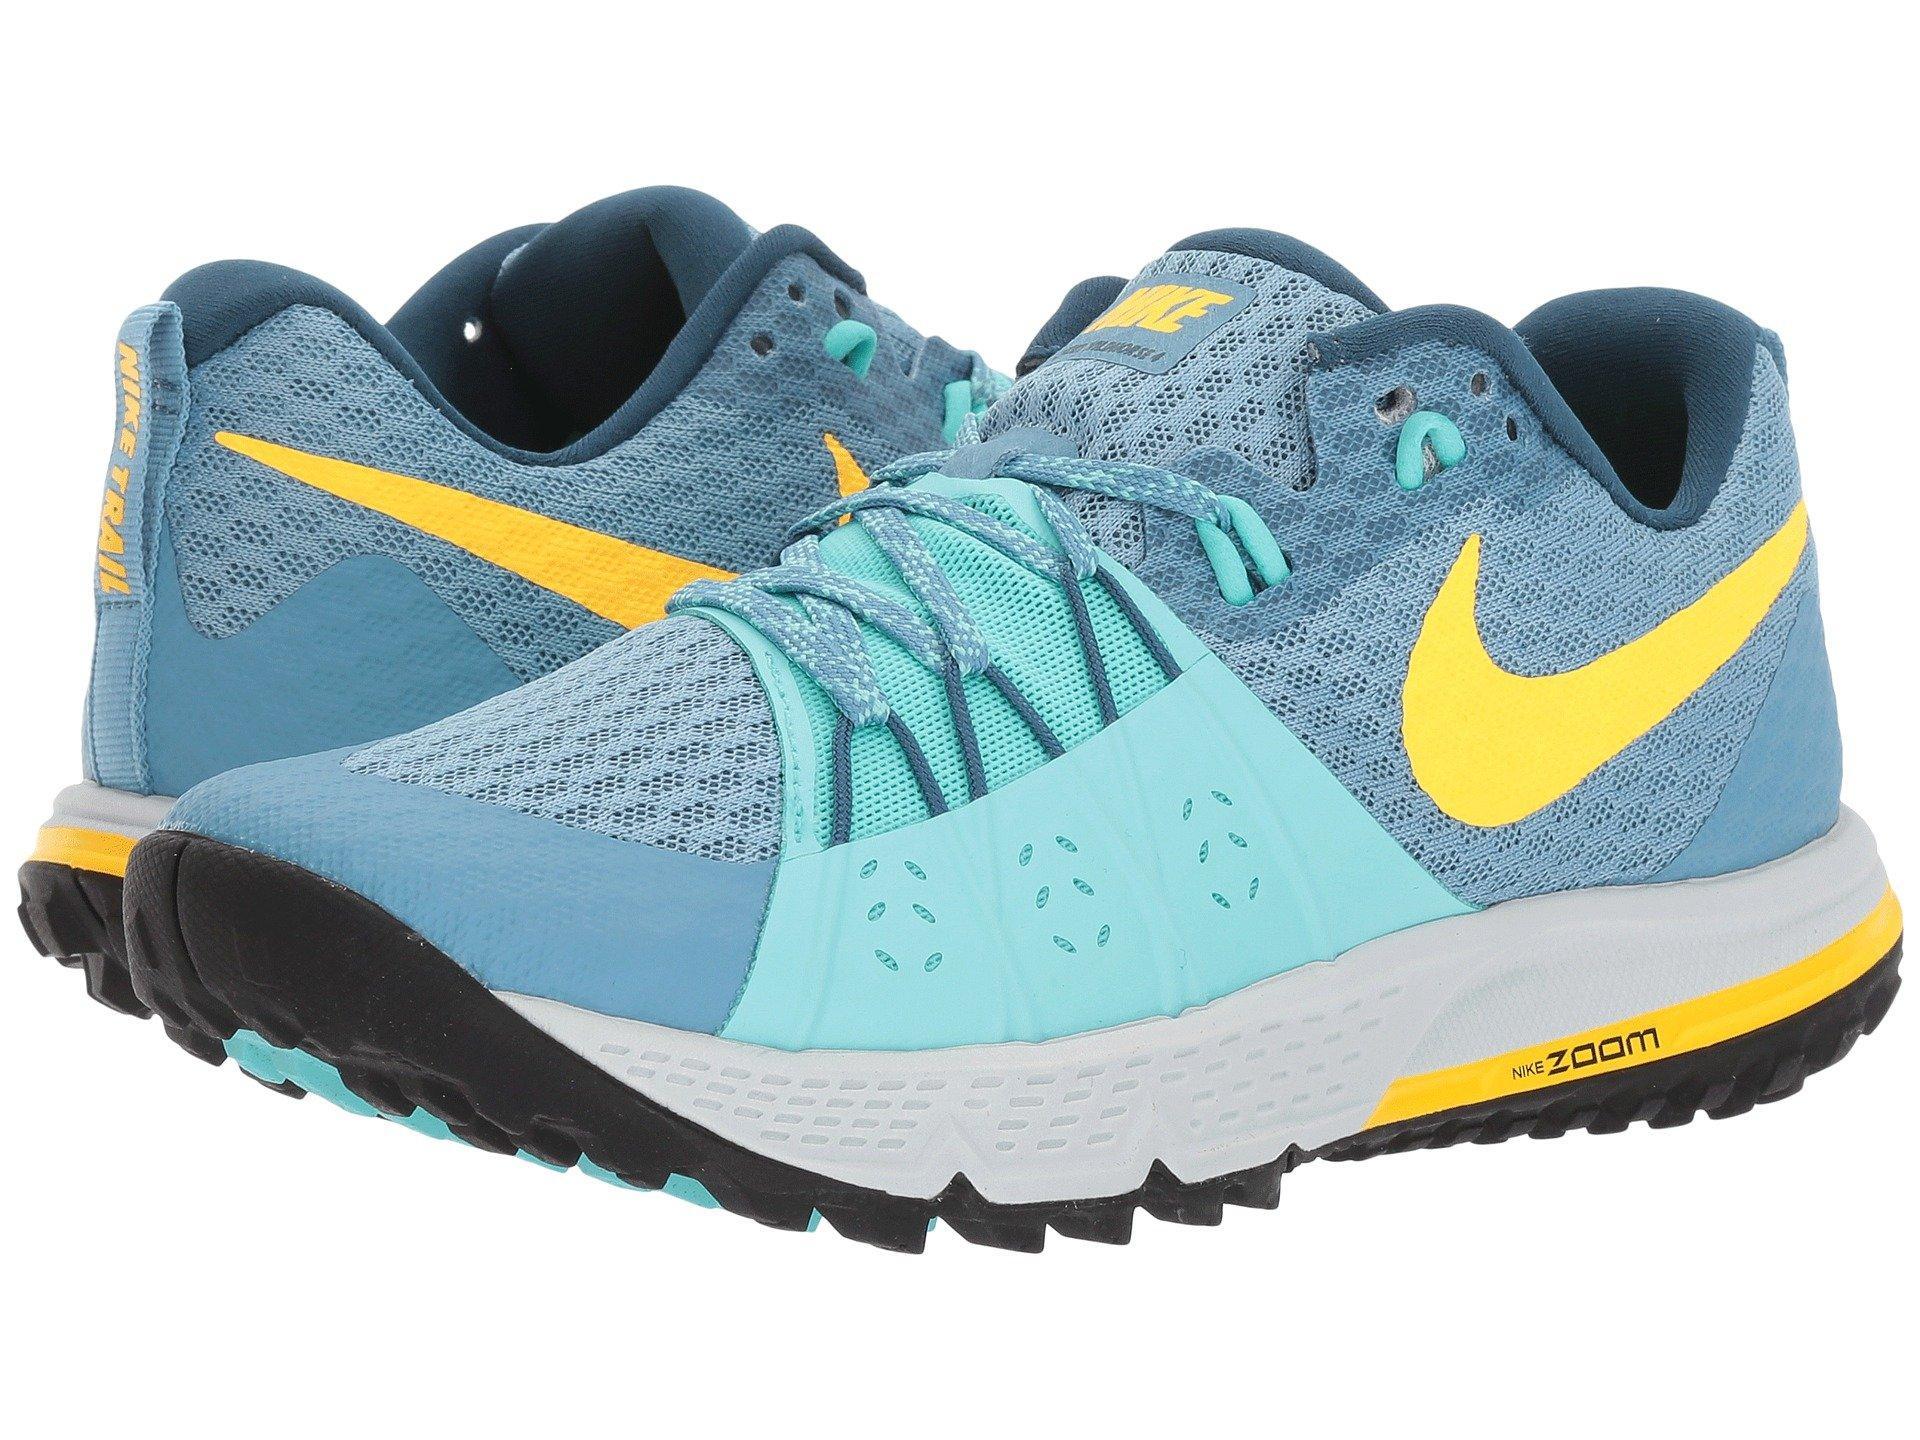 776eaafe9e315 Nike